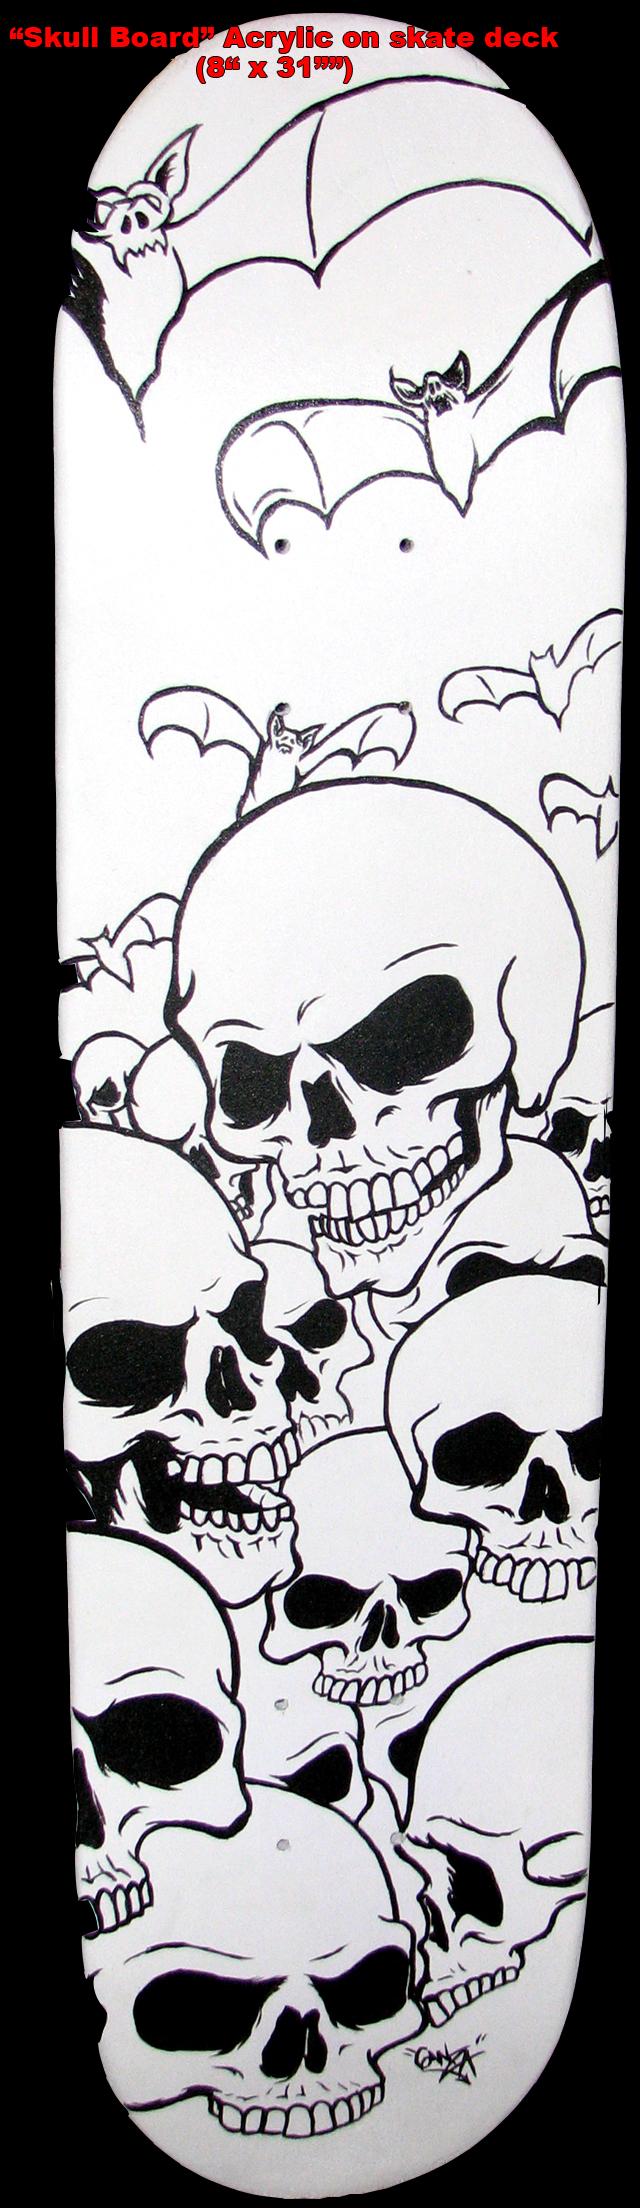 skullboard.jpg